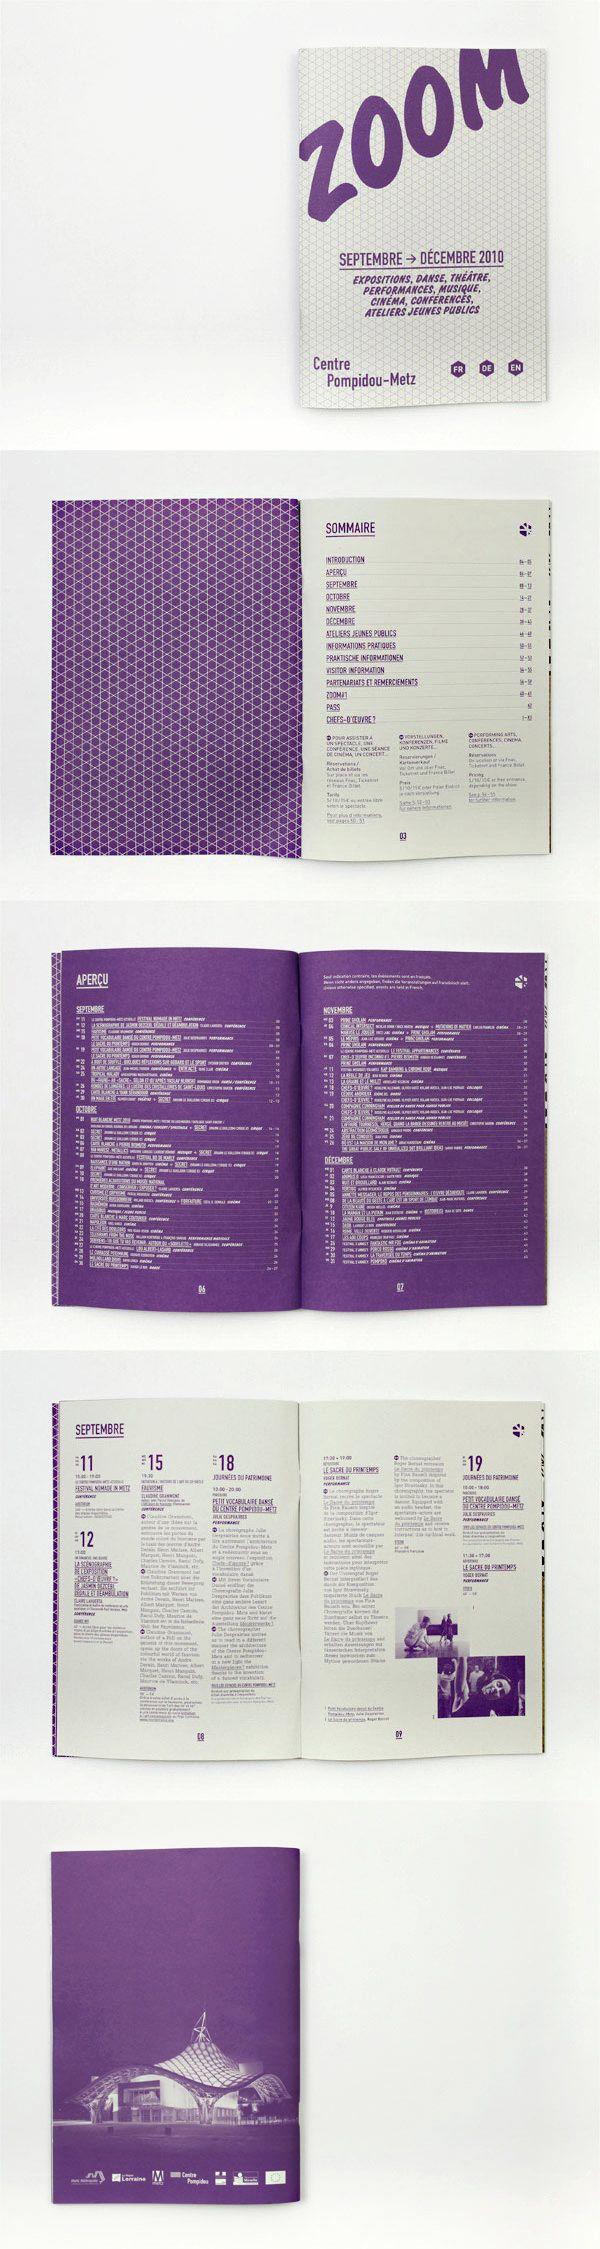 Chez Brochure24 on aime cette épingle ! Imprimerie spécialiste en impression de brochures et magazines. http://brochure24.fr/brochure-portrait-vertical/661--brochure-2-pics-m%C3%A9tal-10x21-ferm%C3%A9-20x21-ouvert-.html